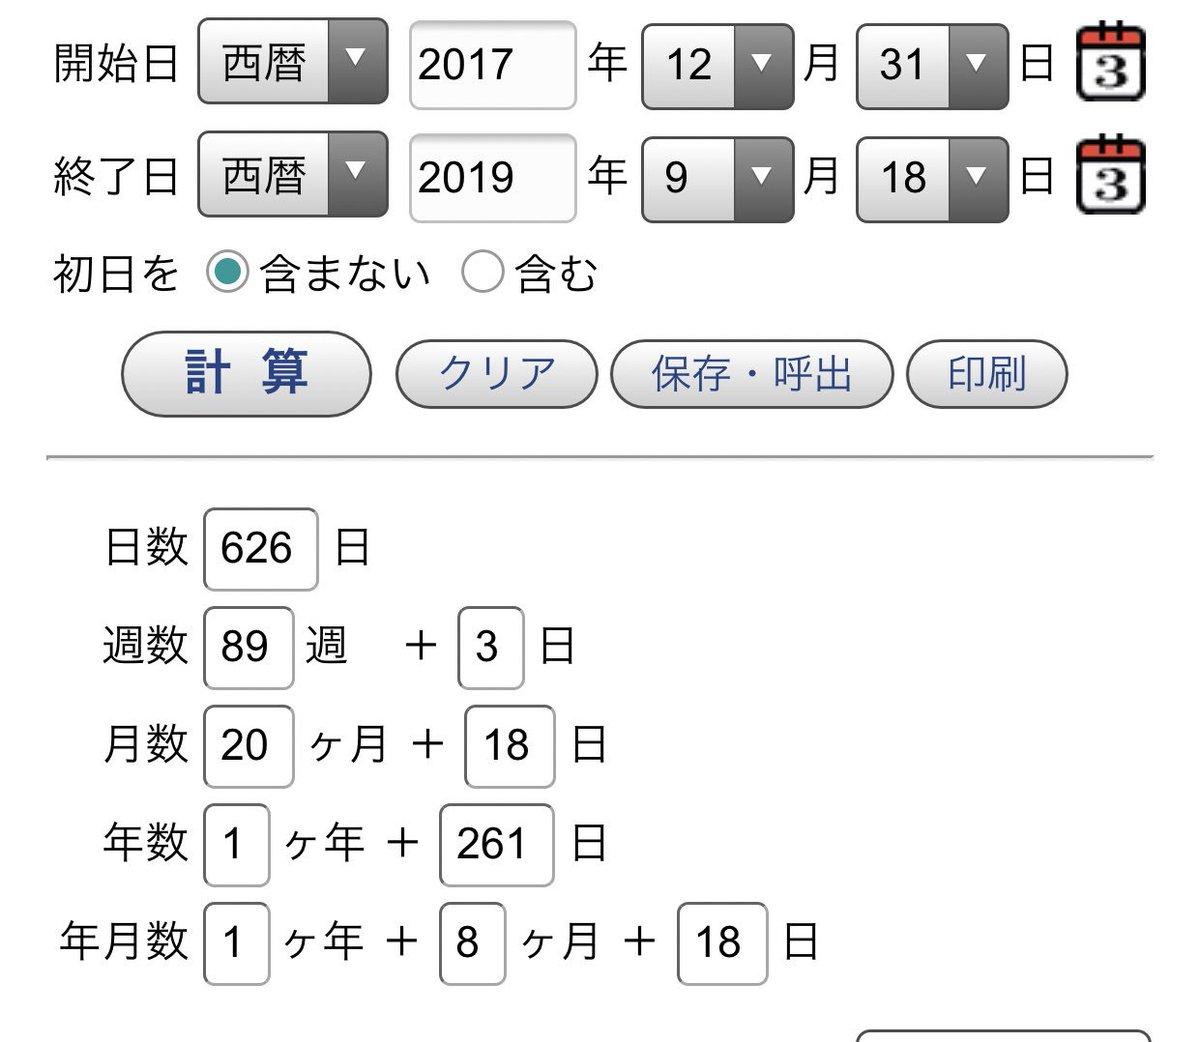 平手友梨奈さんセンターの不協和音を公の場で披露するのは629日振りです。本当に、本当にお疲れ様でした。